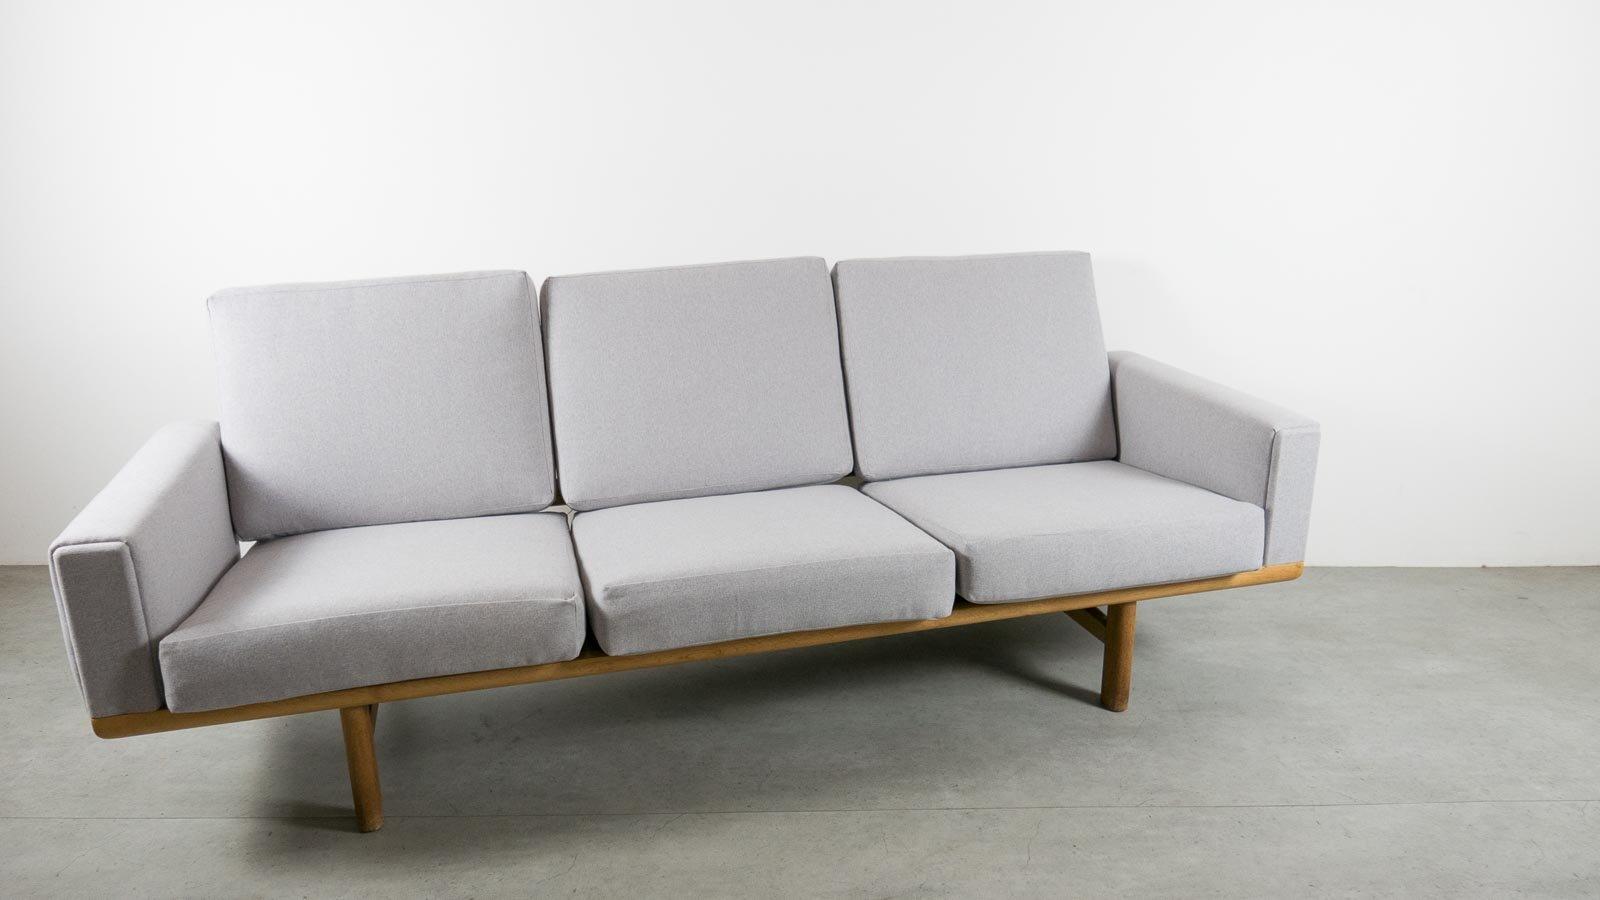 Vintage GE236 Sofa In Oak By Hans Wegner For Getama